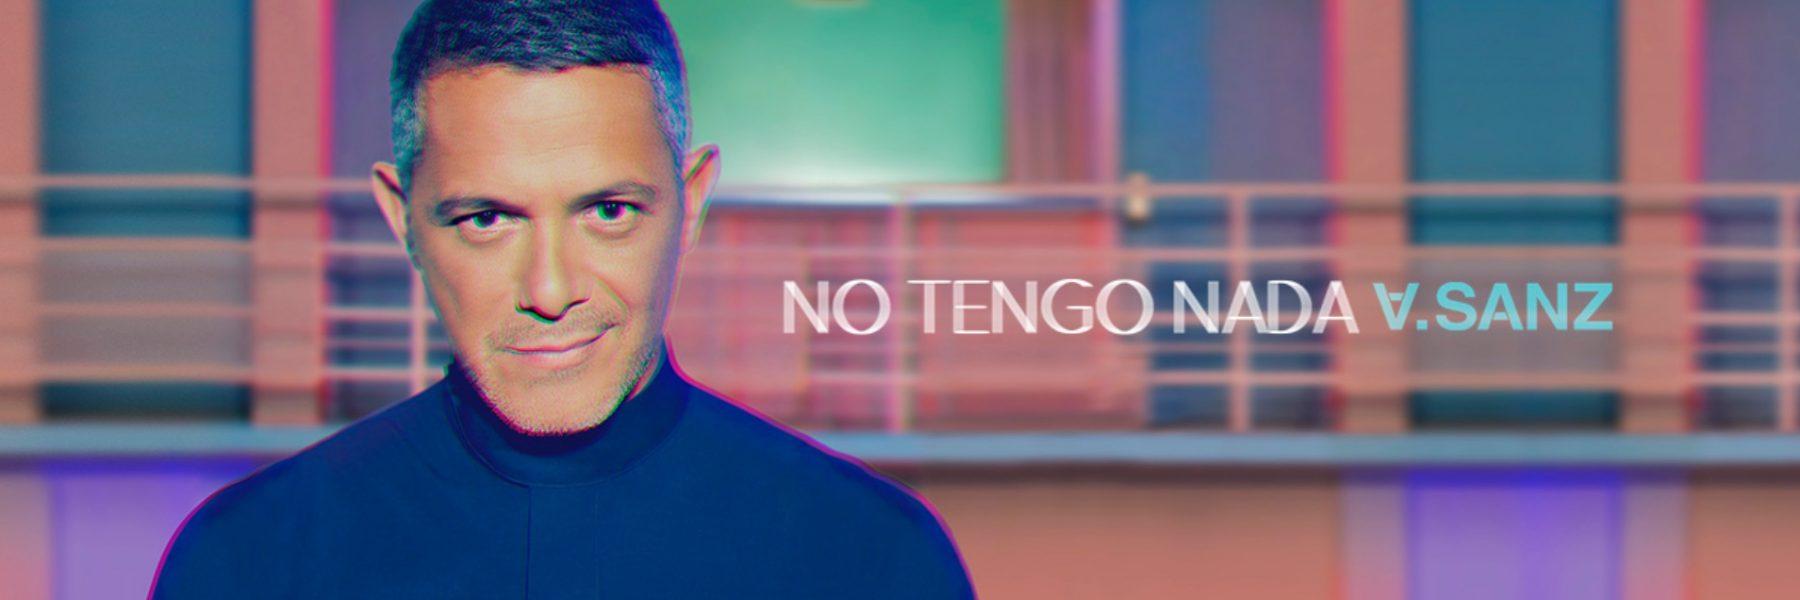 Asistimos a la rueda de prensa de Alejandro Sanz con motivo del lanzamiento de 'No tengo nada', su nuevo single